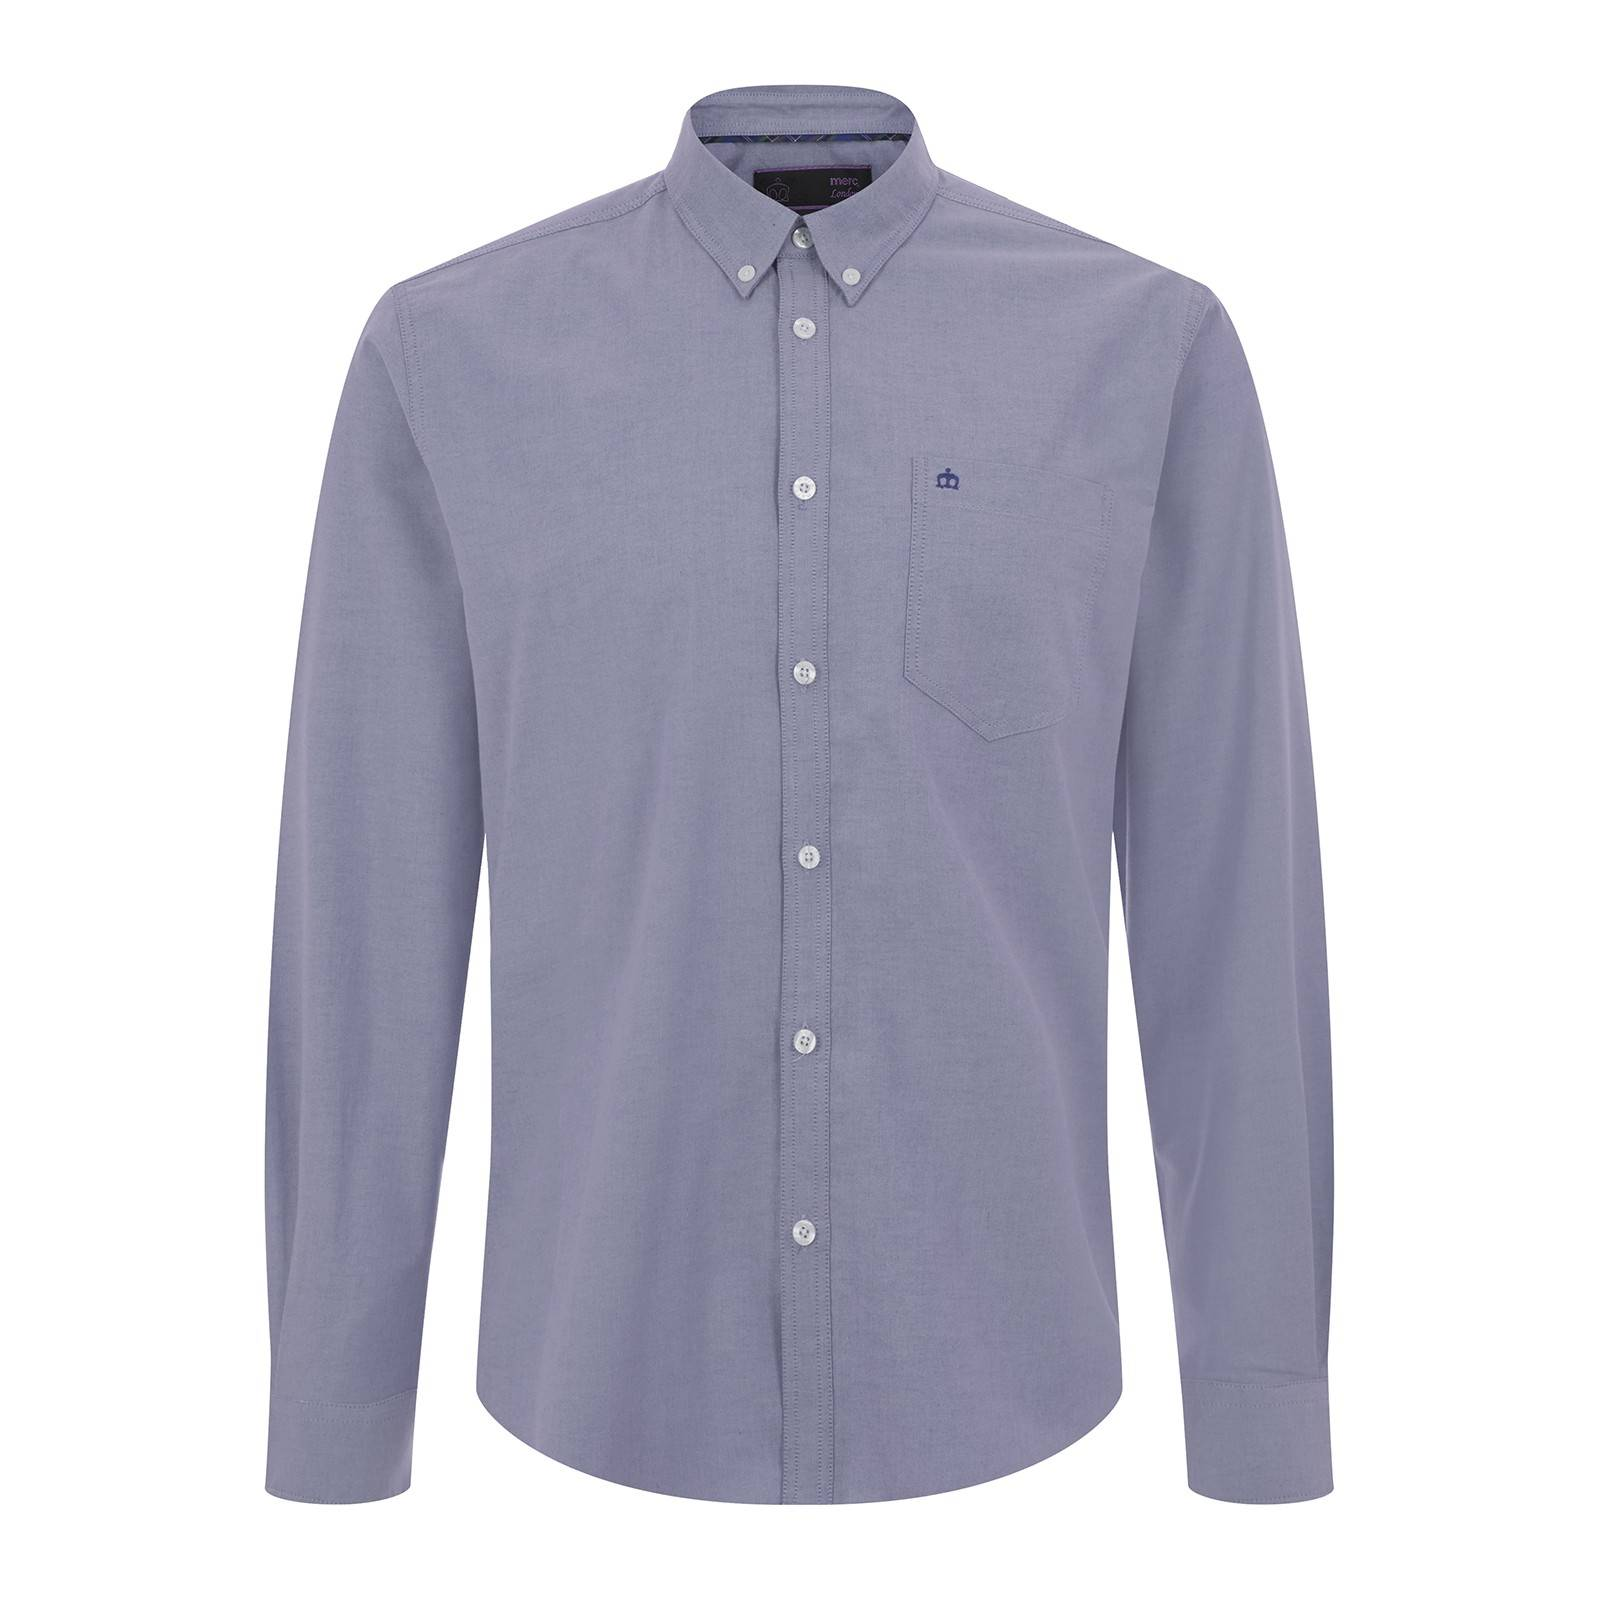 Рубашка OvalСлайдер на главной<br>Классическая, приталенного покроя мужская рубашка, изготовленная из легкой, плотной и мягкой на ощупь рубашечной ткани Оксфорд, характерным признаком которой является текстурная поверхность, состоящая из мельчайших, расположенных в шахматном порядке белых квадратов,  — такой эффект достигается путем использования мелкоузорчатого ткацкого переплетения «рогожка».  Этот комфортный, благородный и дышащий материал в конце XIX века стал использоваться в Англии для пошива спортивных рубашек, которые носили игроки в поло, а полвека спустя подобные сорочки стали частью гардероба университетской Лиги Плюща – основоположнице преппи стиля. Традиционный для рубашек Оксфорд button-down воротник на пуговицах позволяет красиво комбинировать эту универсальную модель с V-образным трикотажем и кардиганами. Её также можно носить с костюмом, джинсами и Харрингтоном. Брендирована фирменным логотипом Корона на нагрудном кармане.<br><br>Артикул: 1516113<br>Материал: 65% полиэстер, 35% хлопок<br>Цвет: темный голубой<br>Пол: Мужской